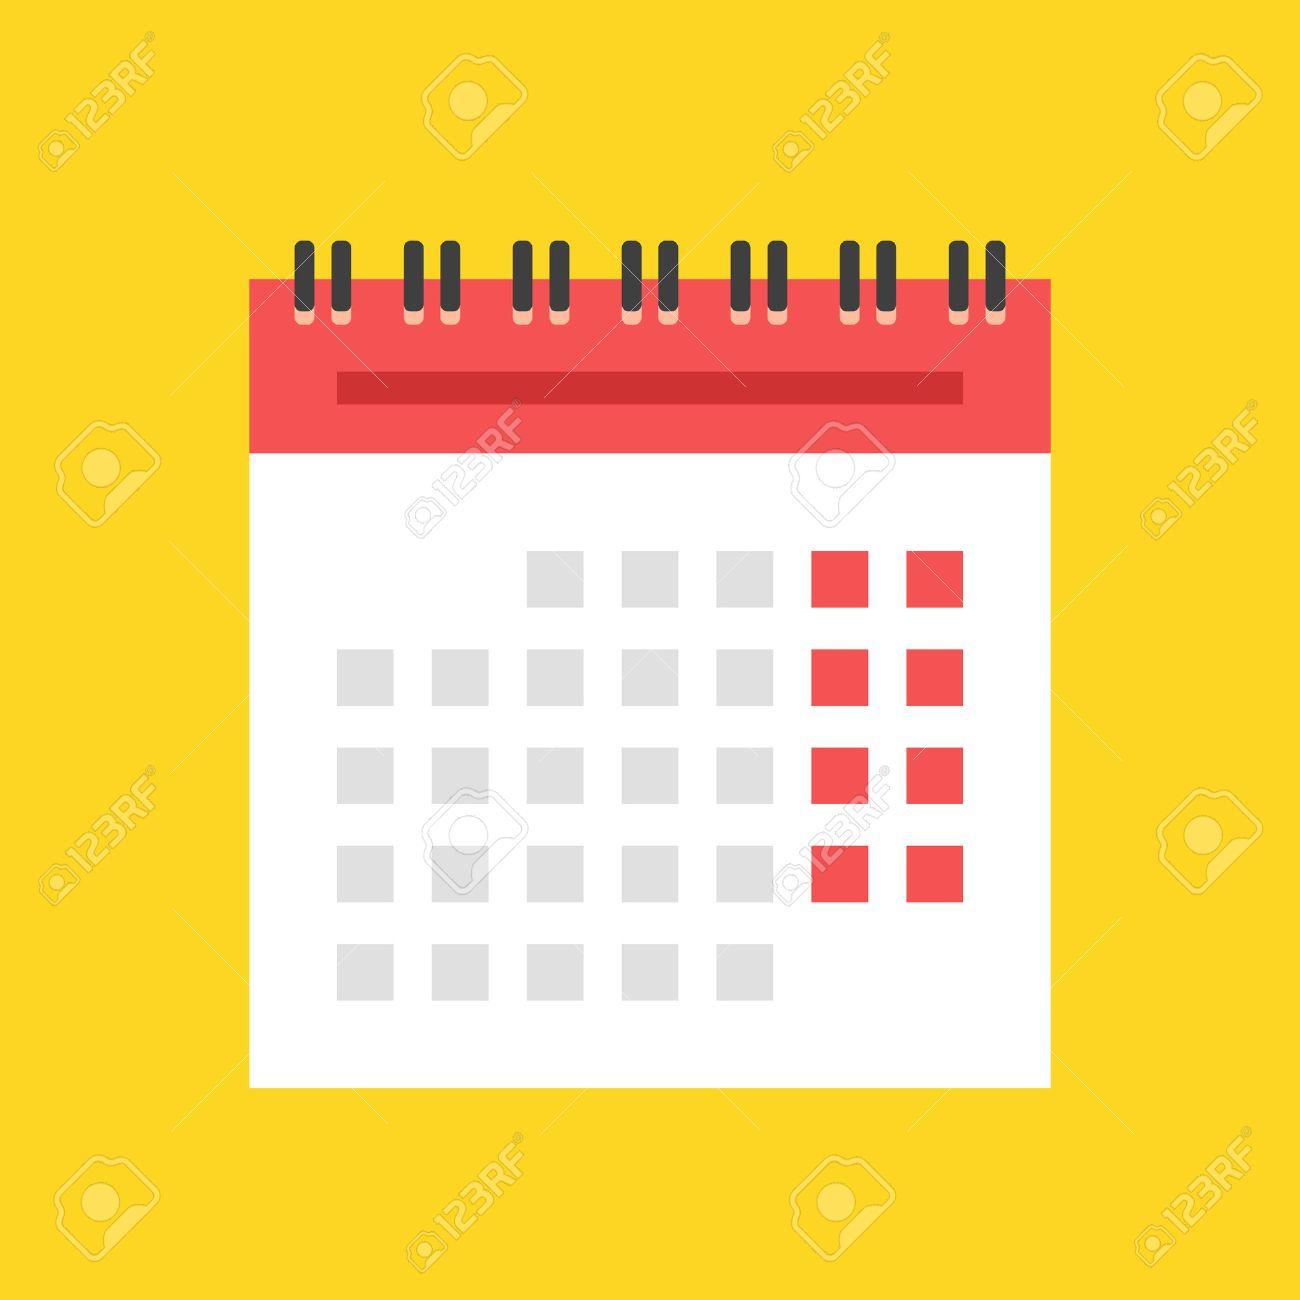 Calendario Vector.Calendar Flat Icon Spiral Wall Calendar Vector Illustration